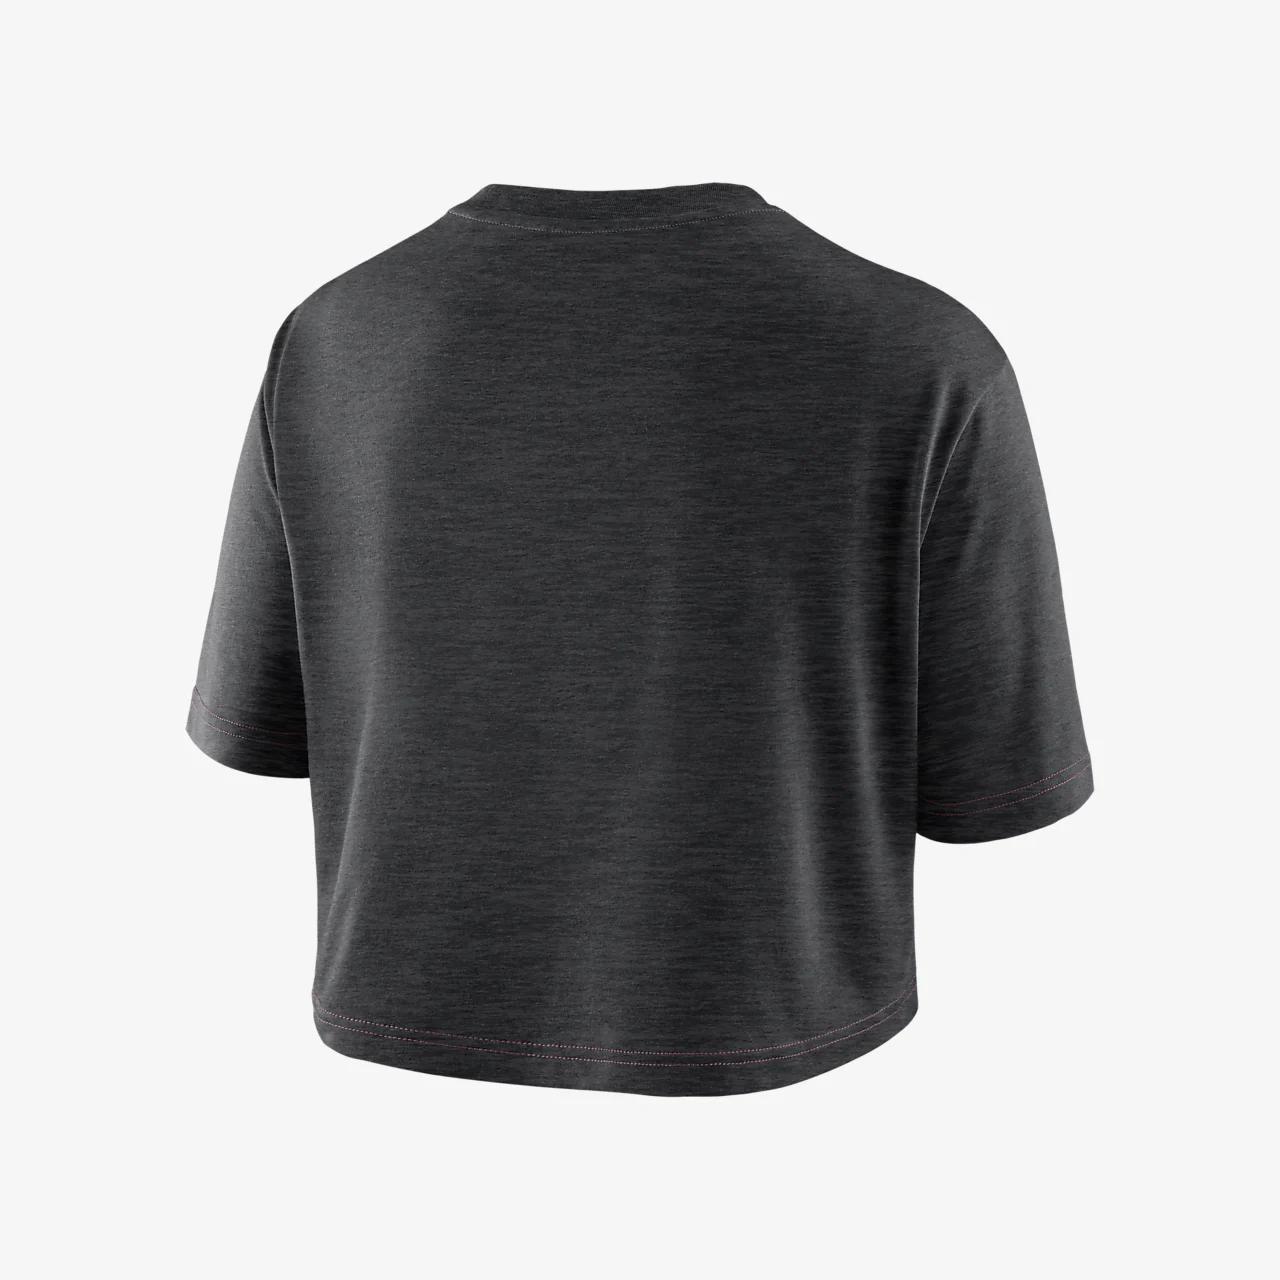 나이키 칼리지 드라이핏(플로리다 주) 여성 크롭 티셔츠 CT8613-010